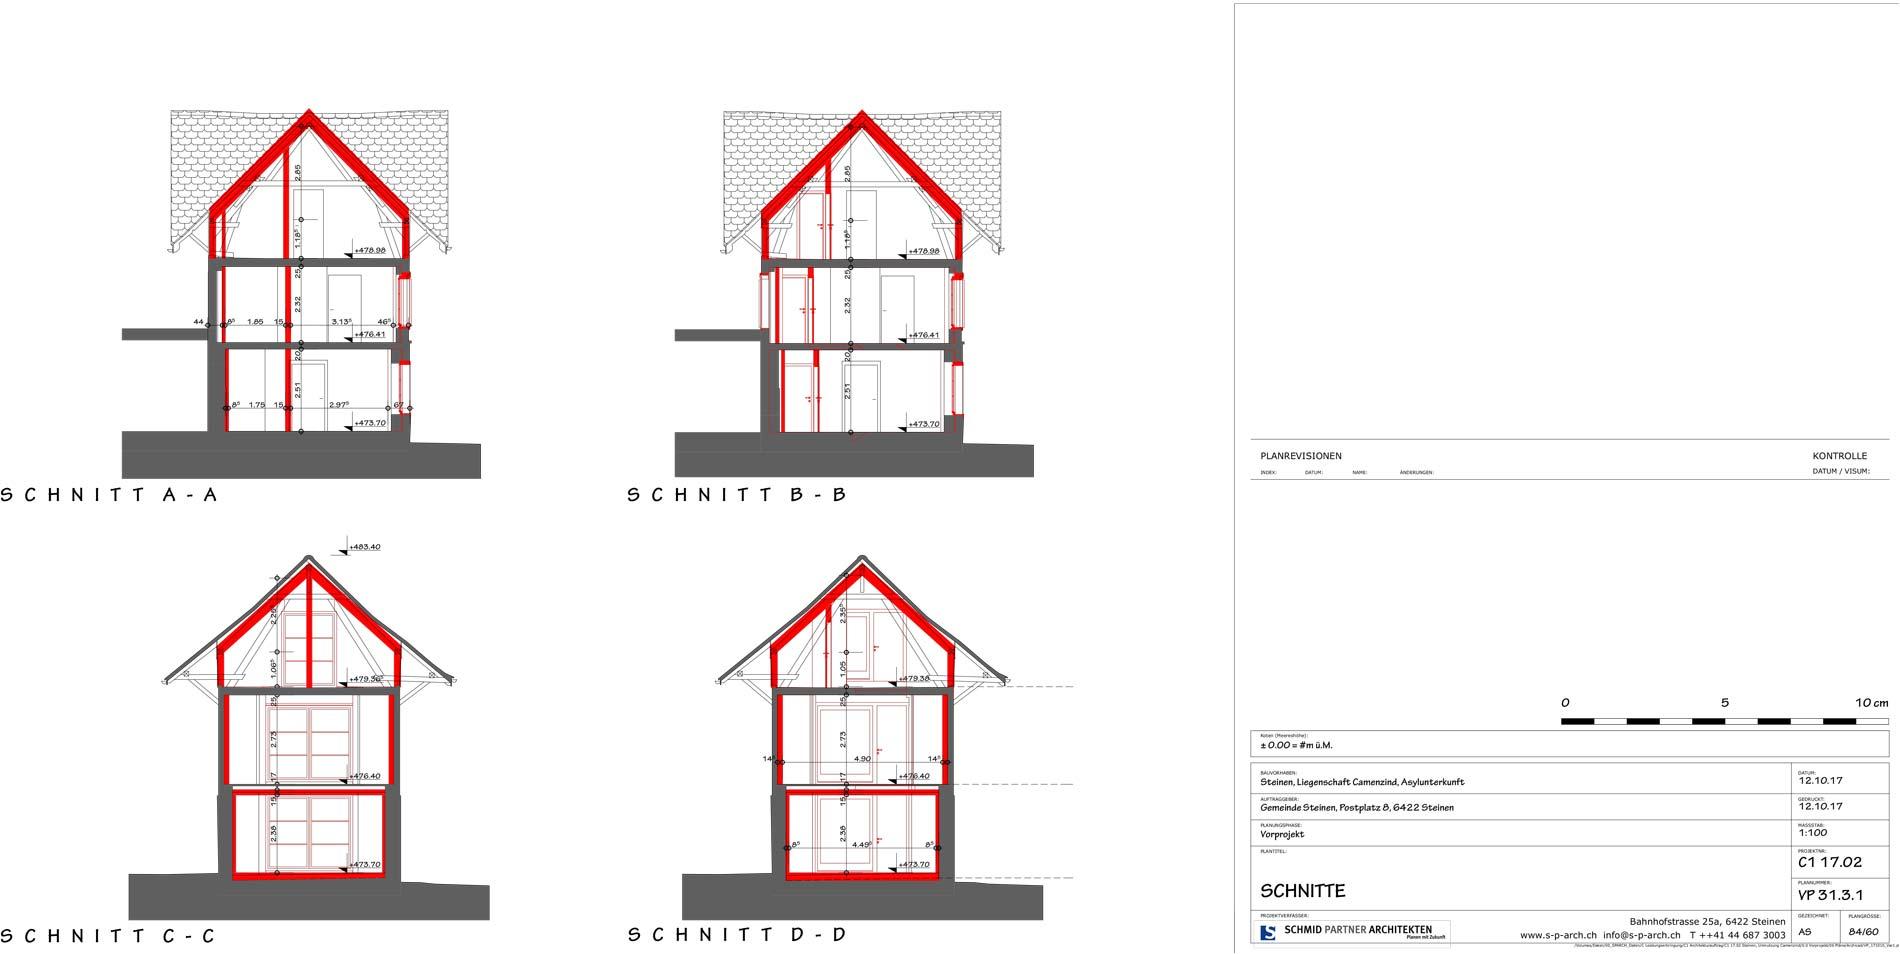 Schmid Partner Architekten Bauerneuerung VP 31.3.1 SCHNITTE